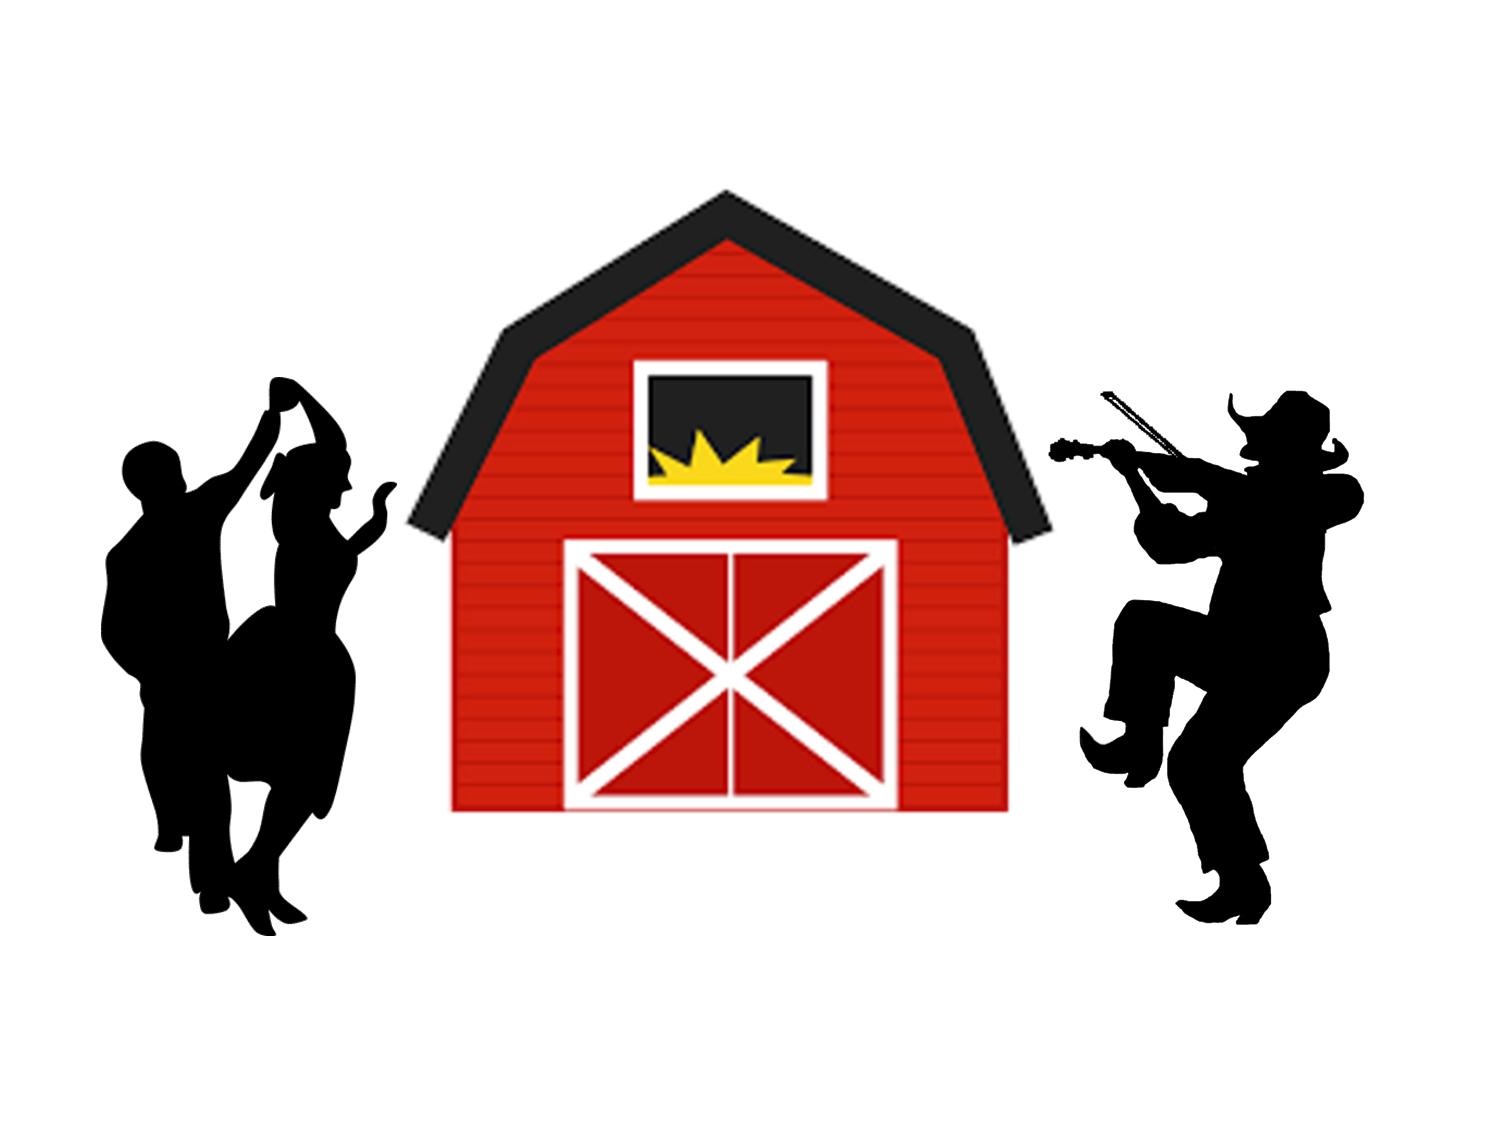 ashford_barn_dance_image